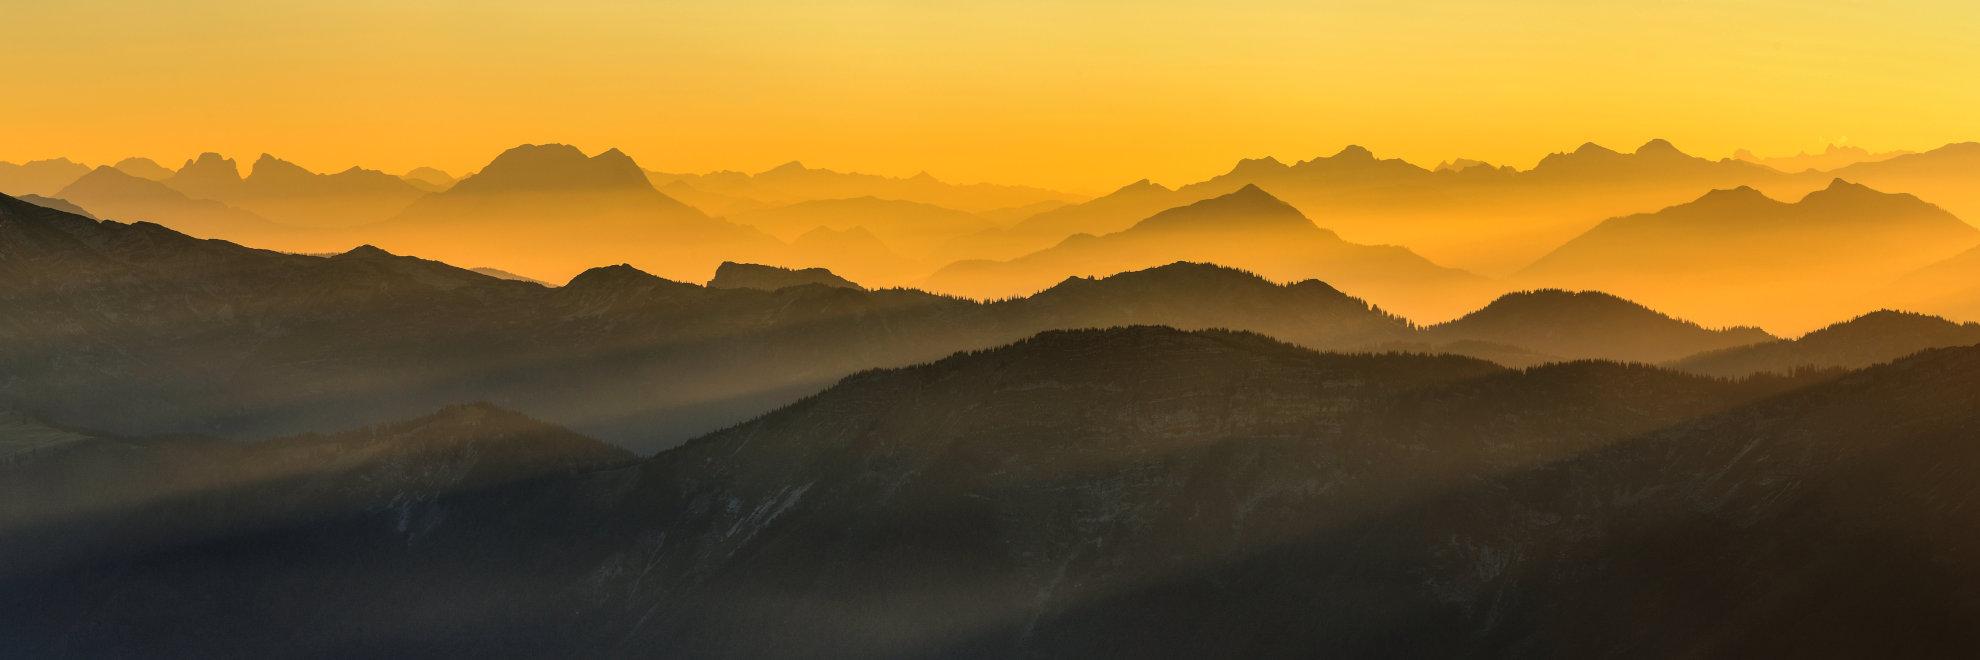 Oranger Sonnenaufgang vom Ötscher aus fotografiert